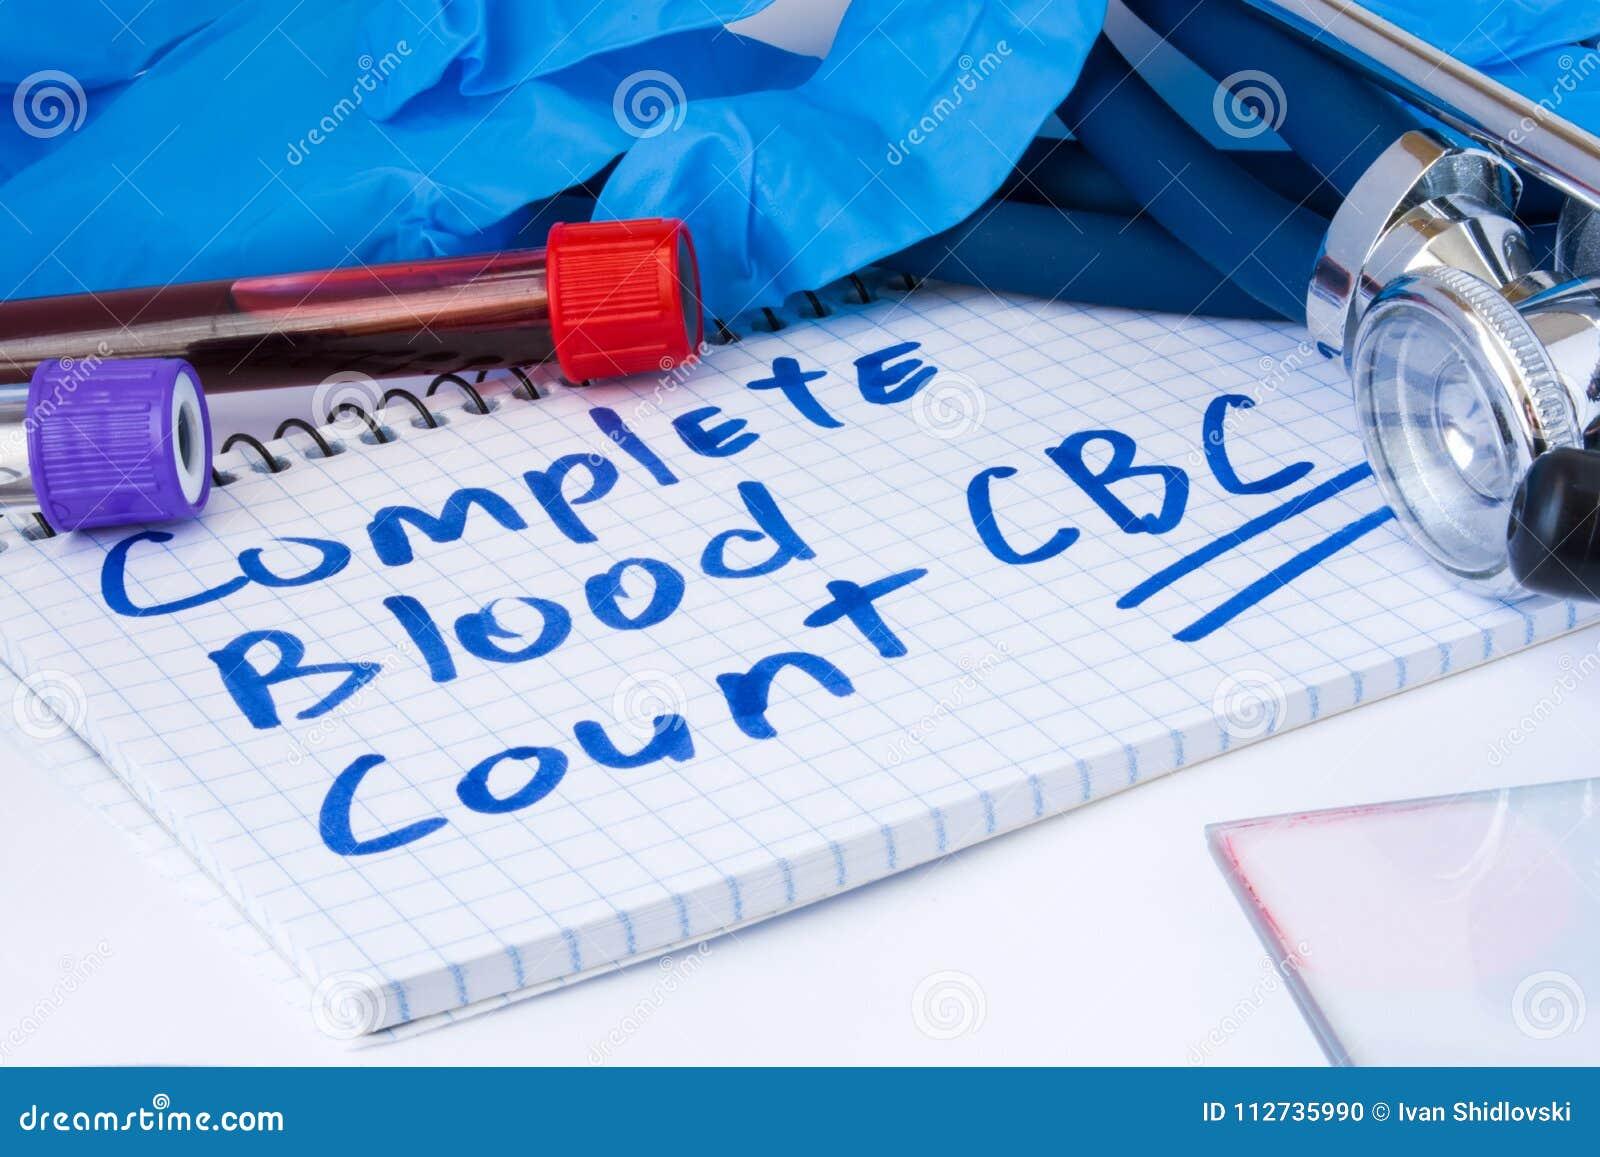 Πλήρης διαδικασία δοκιμής αρίθμησης αίματος CBC Οι σωλήνες εργαστηριακών τεστ με το αίμα, το στηθοσκόπιο και τα γάντια είναι κοντ